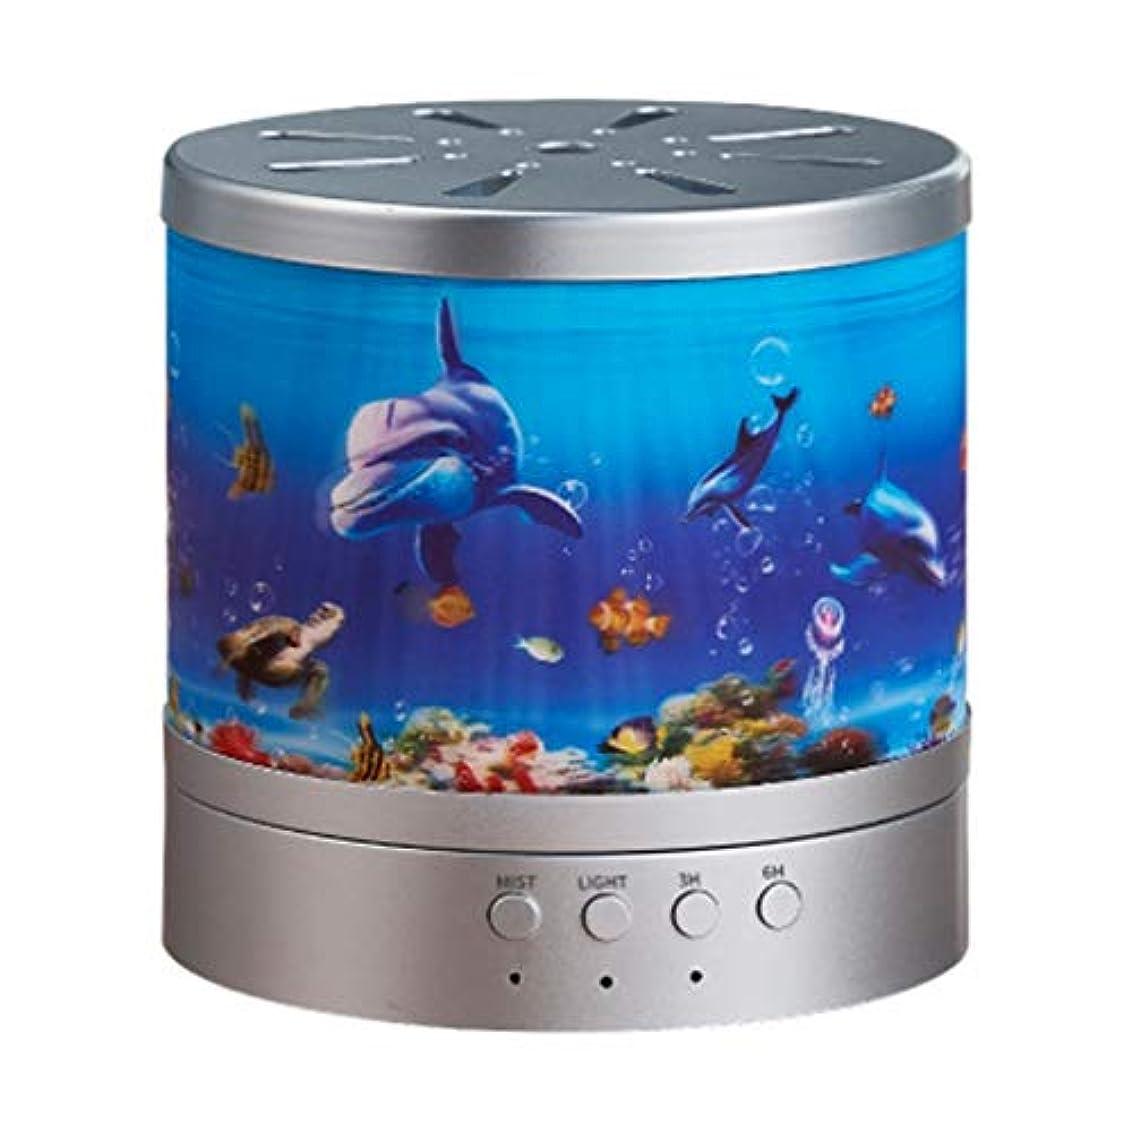 ランチョン決定ナチュラ精油のための海洋の主題の拡散器超音波涼しい霧の加湿器、水なしの自動シャットオフおよび7つの色LEDライトは内務省のために変わります (Color : Silver)